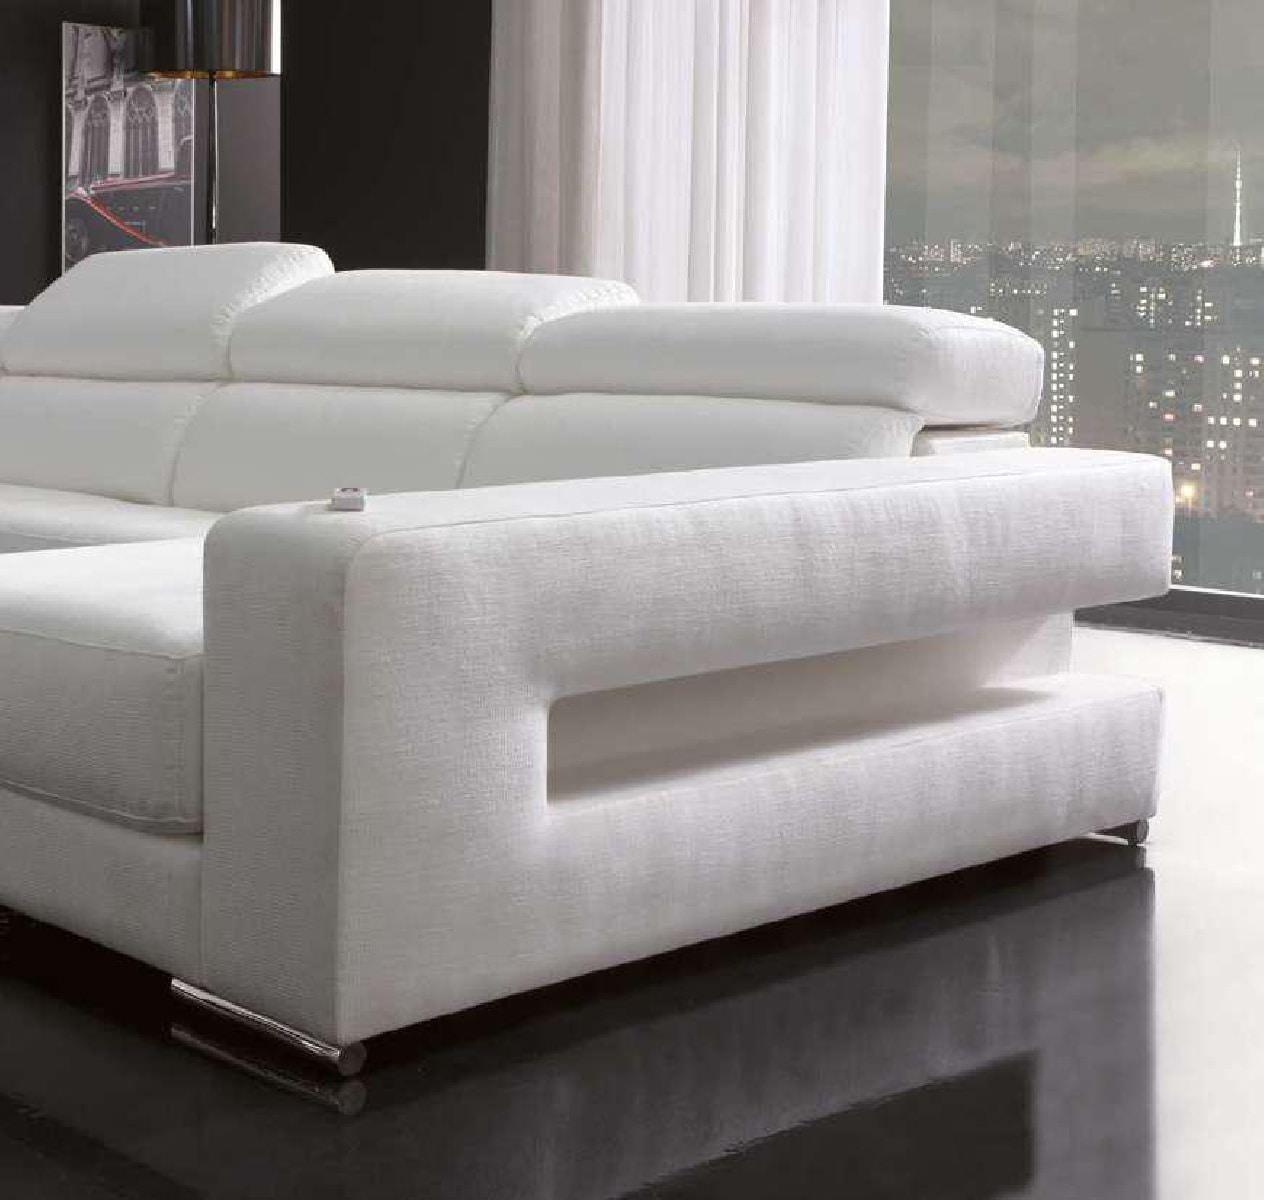 Угловой диван Oscar gamamobel